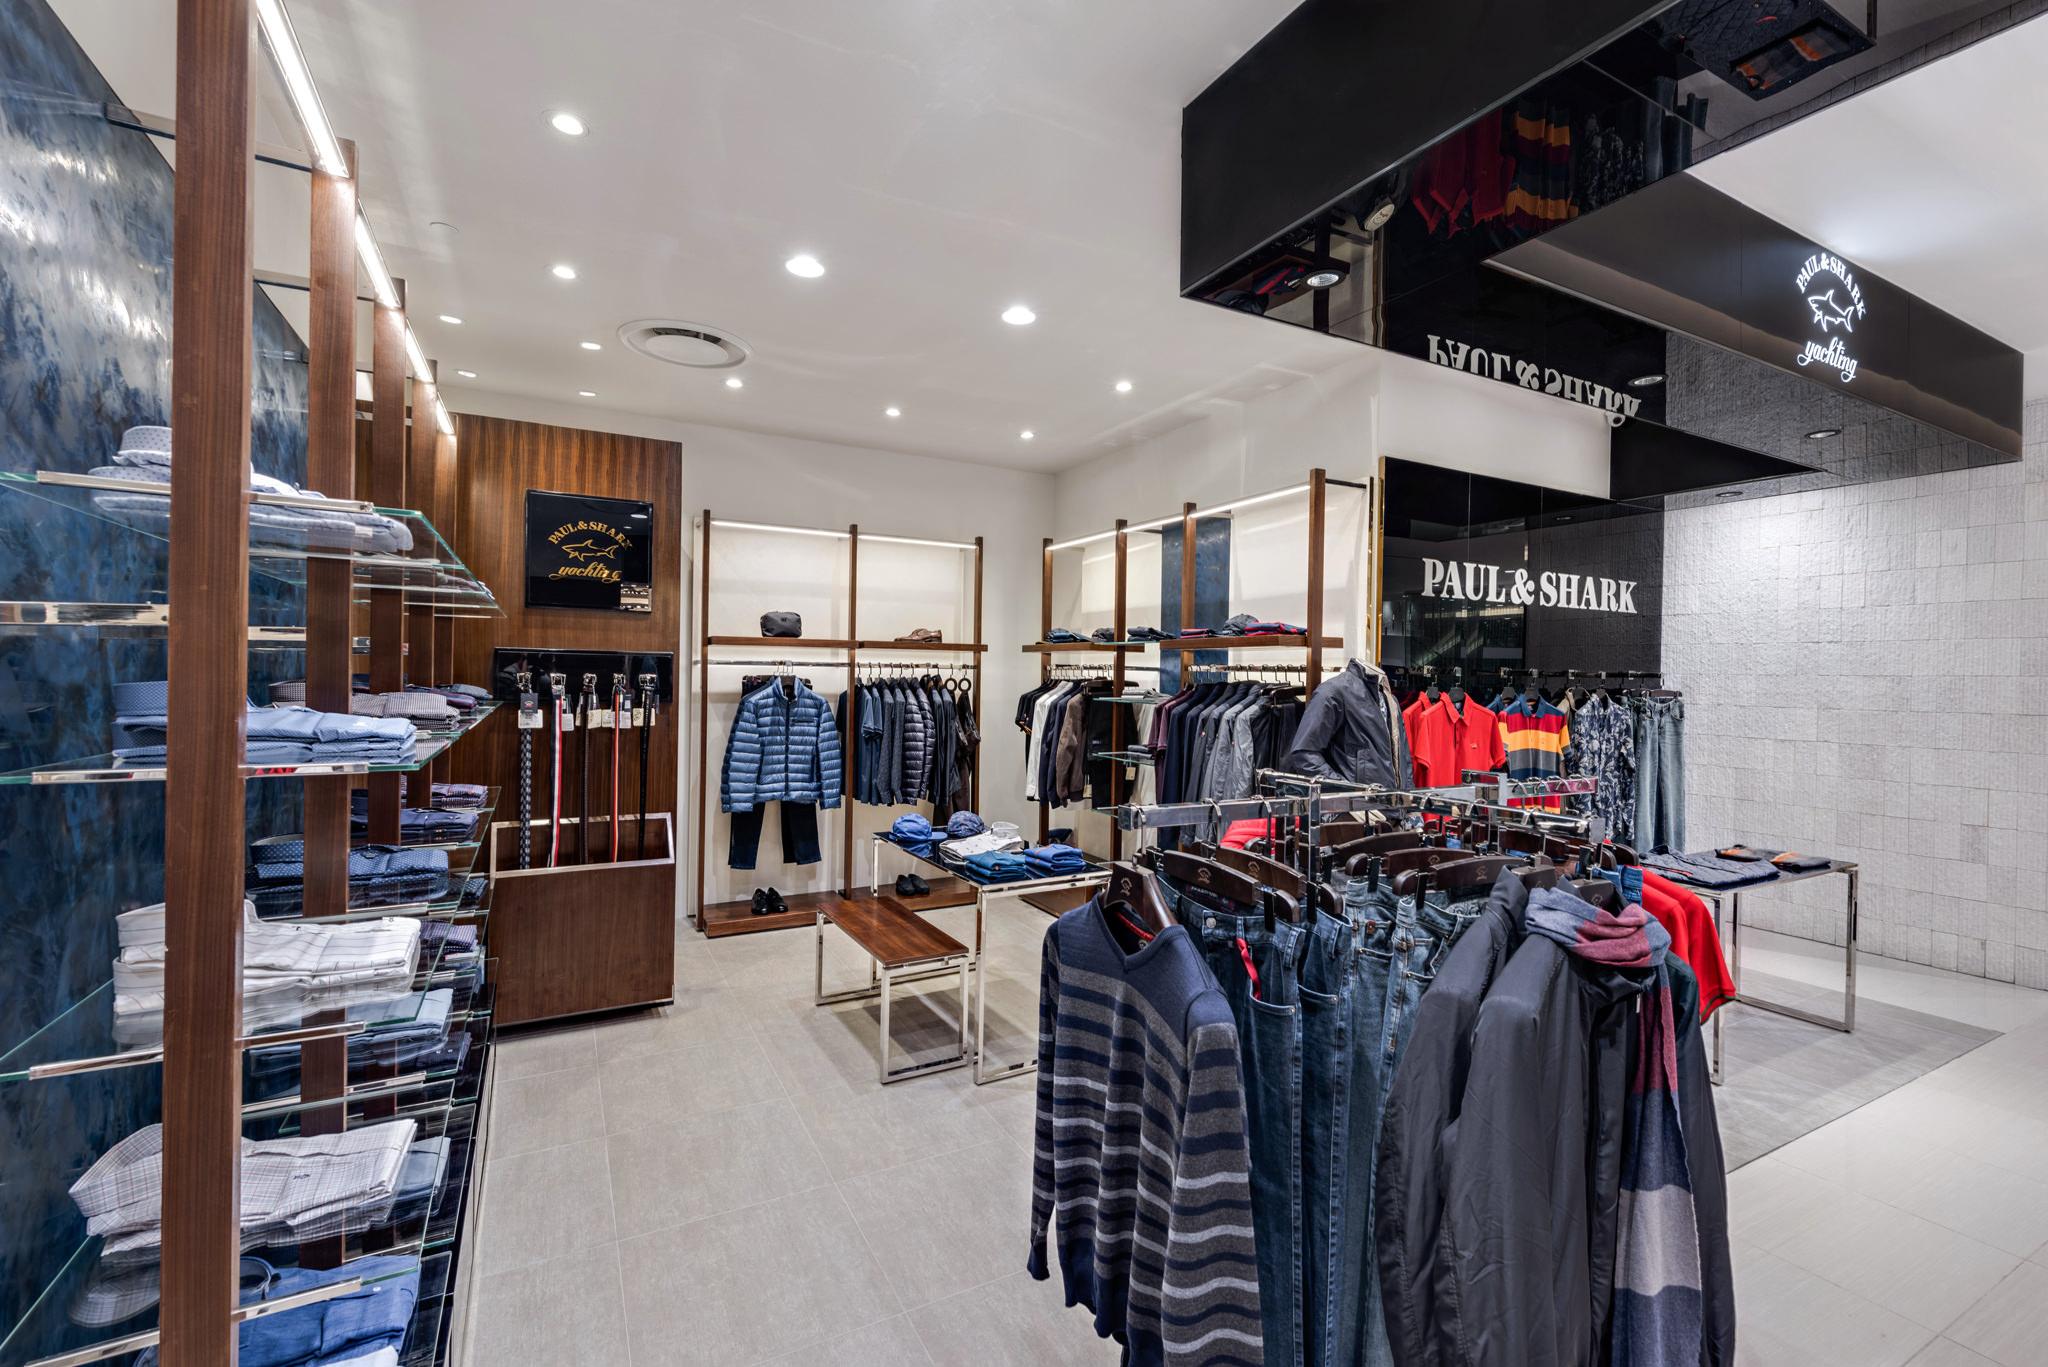 20160729 - Paul & Shark - HCM - Commercial - Interior - Store - Retouch 0006.jpg